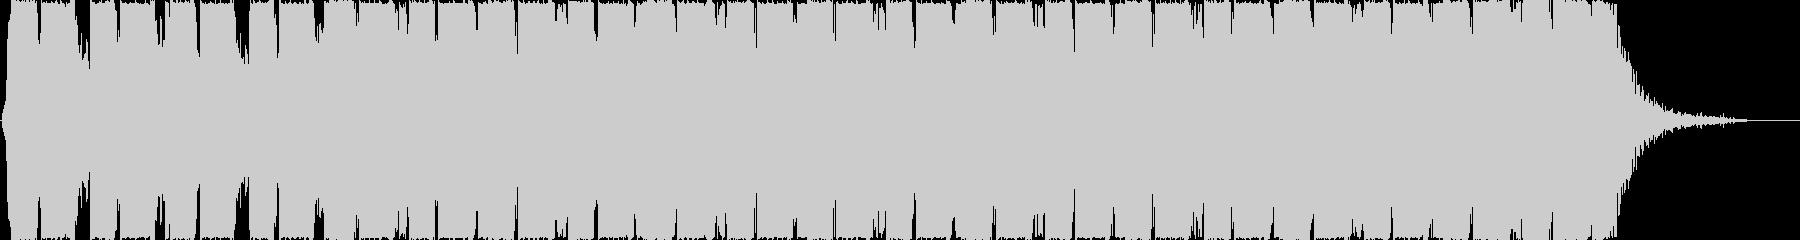 感動的ハードDUBSTEP vo offの未再生の波形